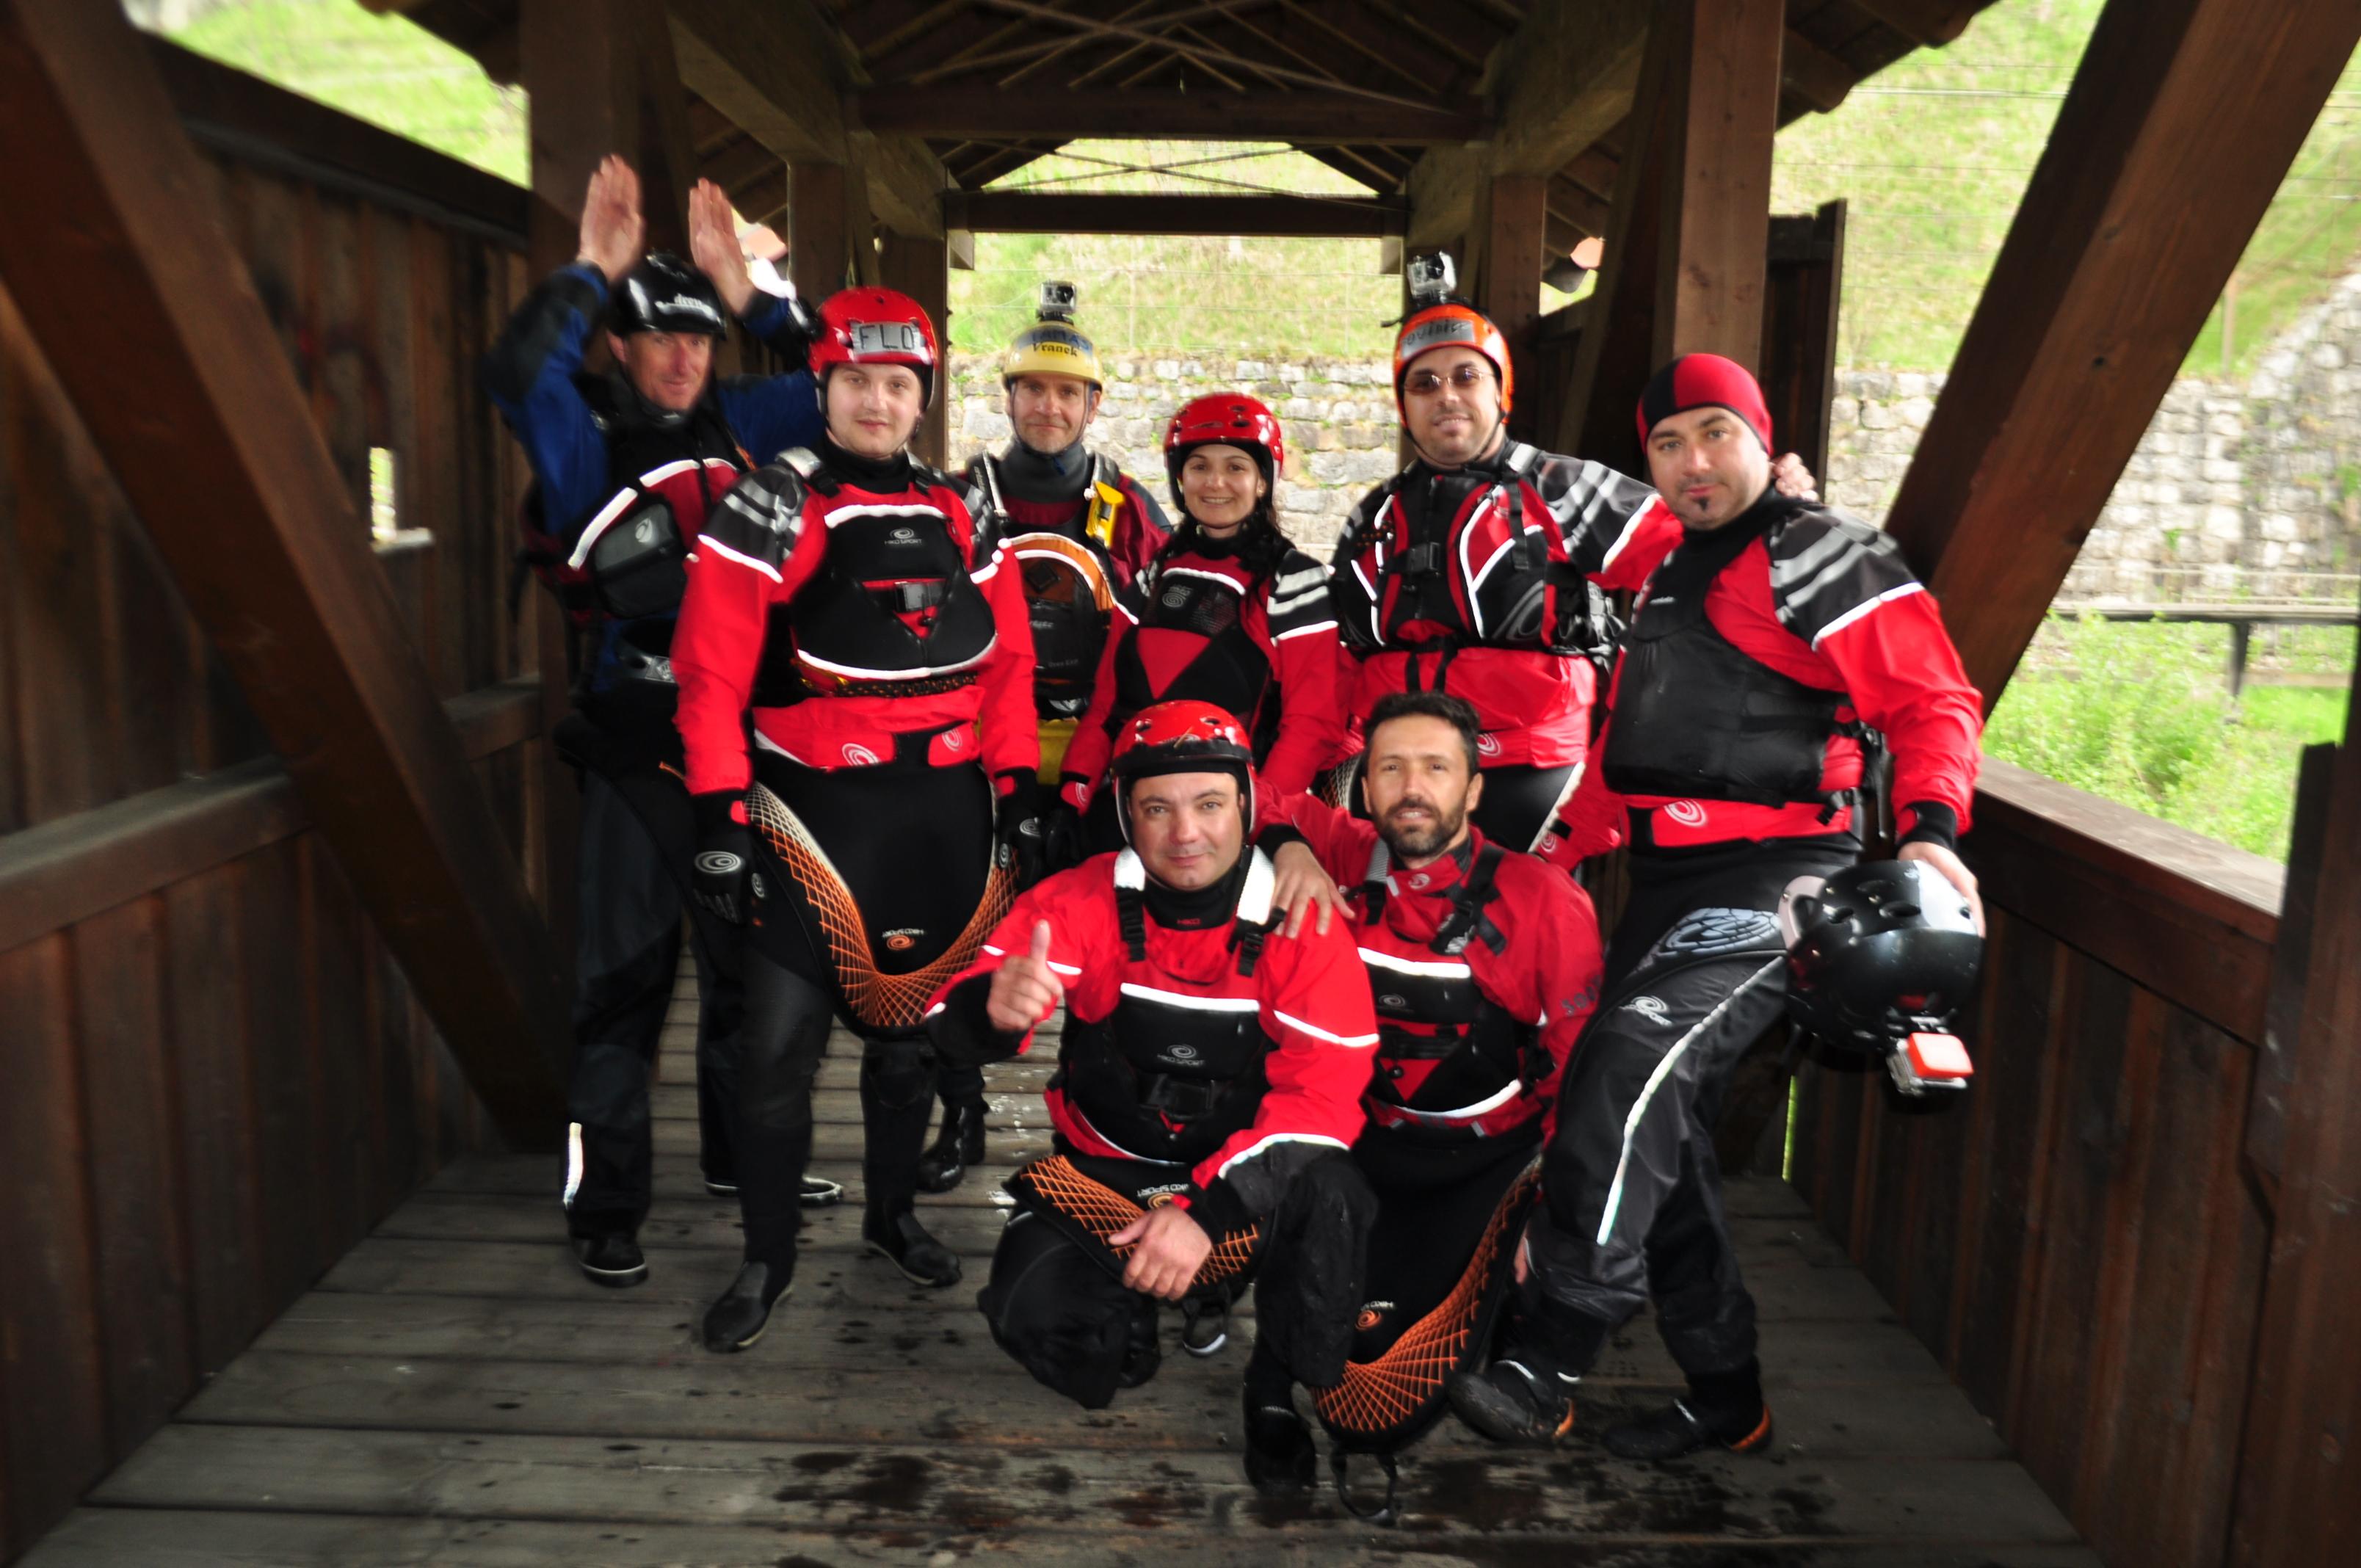 Curs de caiac whitewater : 4 râuri în 5 zile, Austria